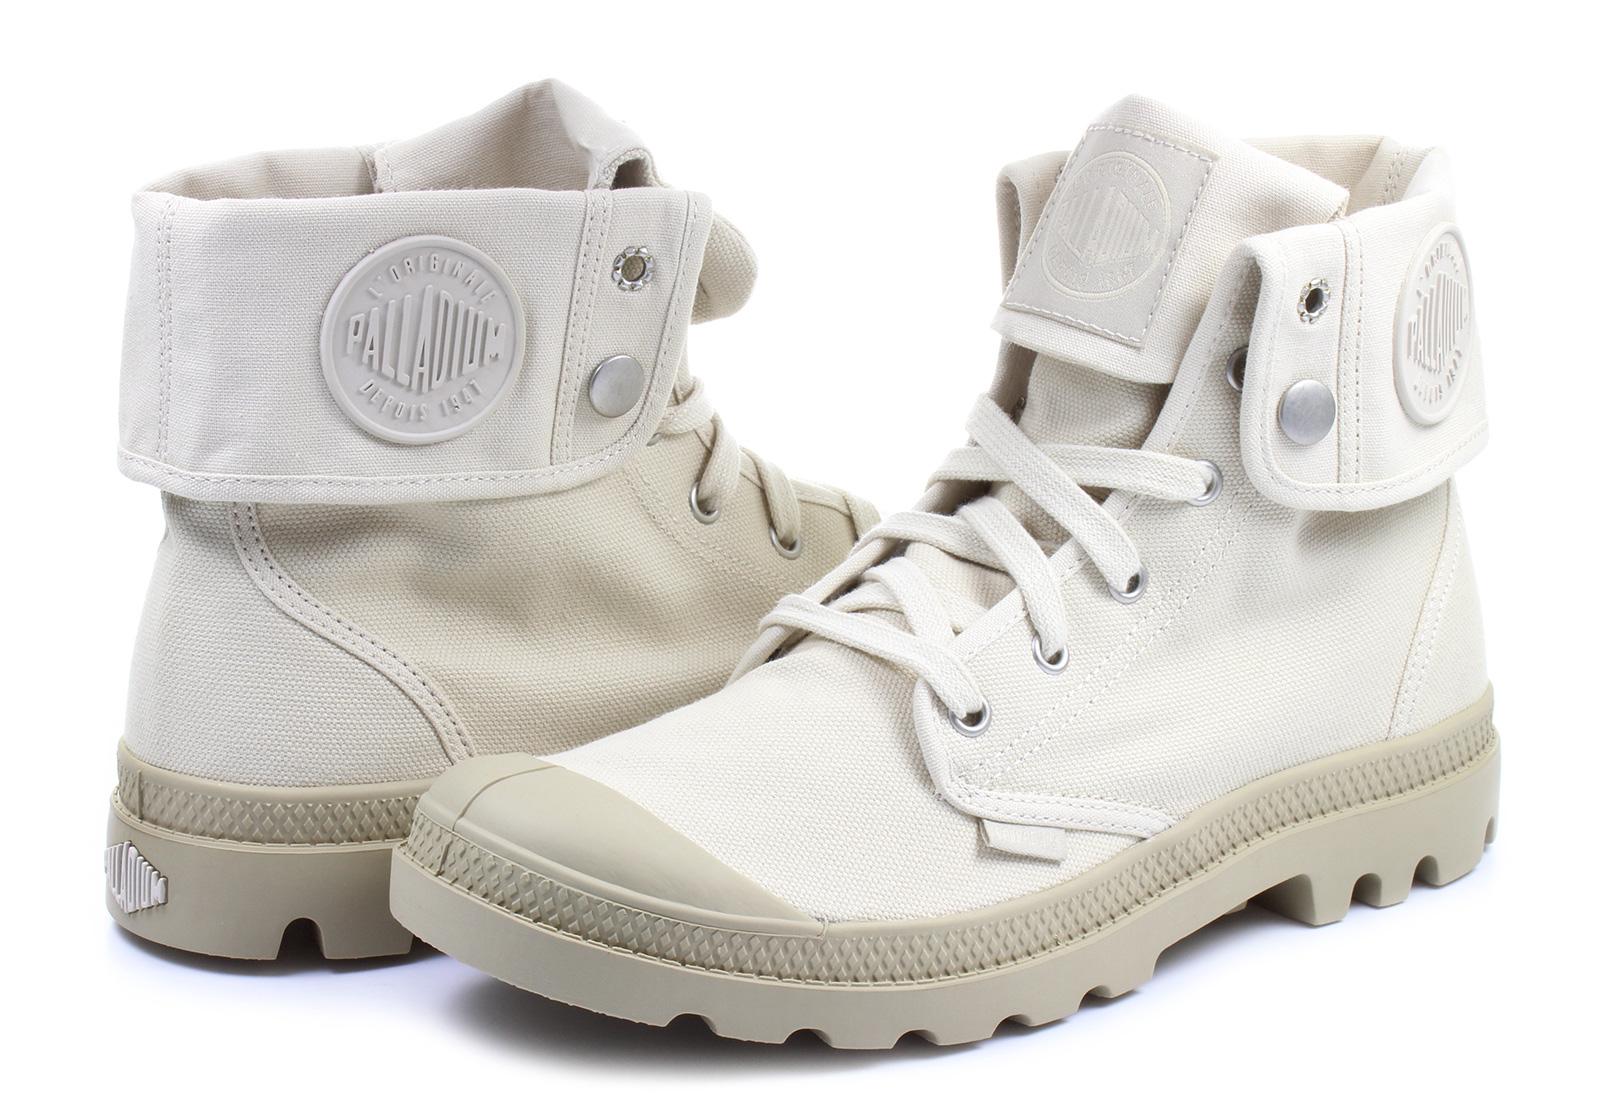 pantofi exclusivi calitate fiabilă design de top Palladium Bocanci - Baggy Lo Lp - 93314-159-M - Office Shoes Romania